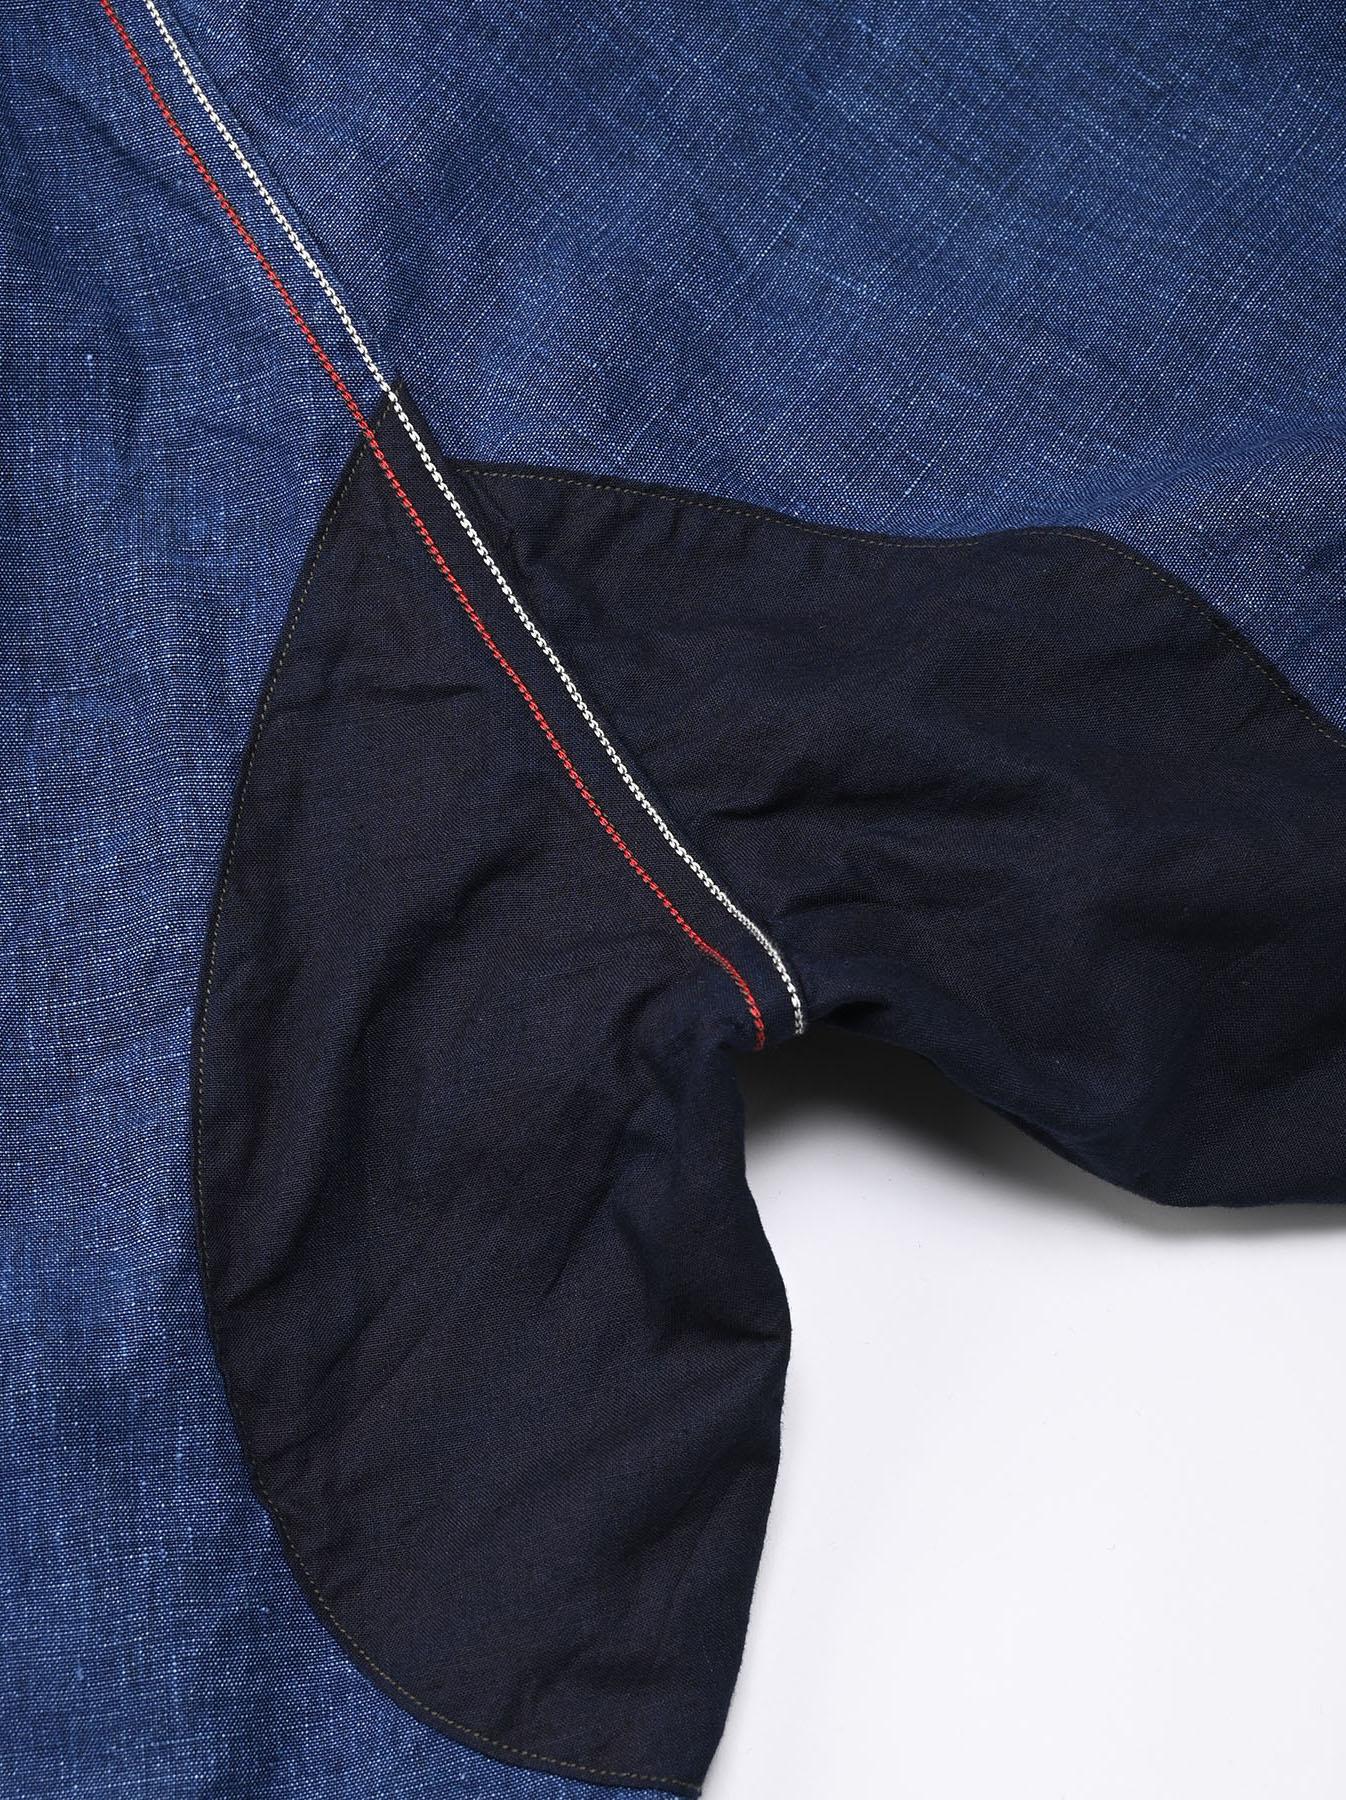 Indigo Nou Linen 908 Easy Sail Pants (0721)-9